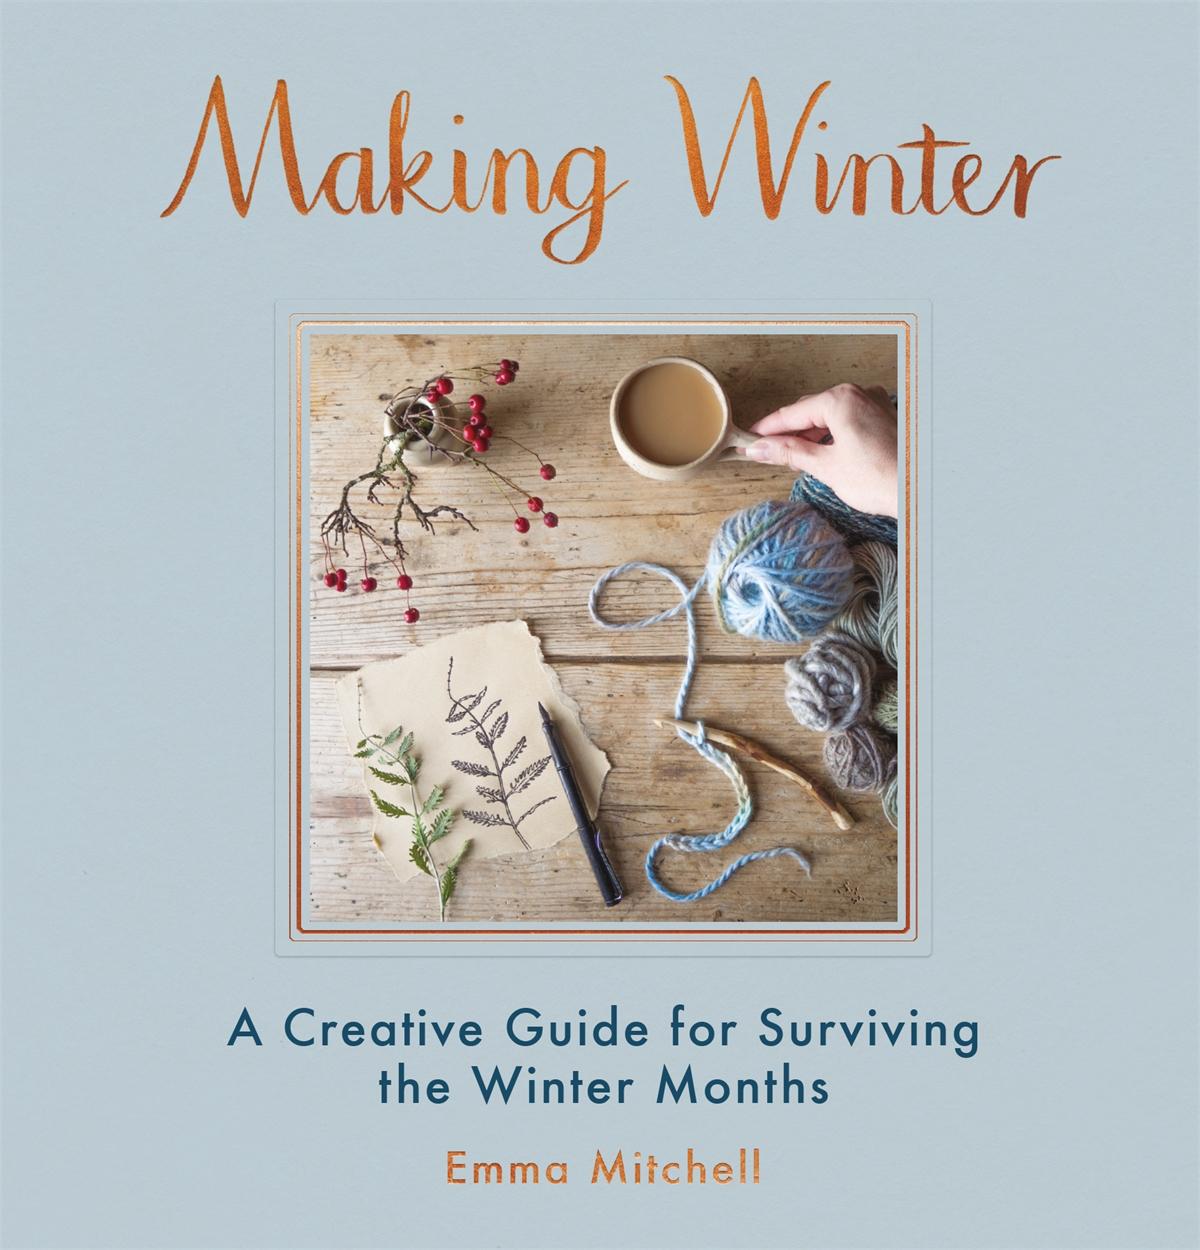 Making Winter cover.jpg